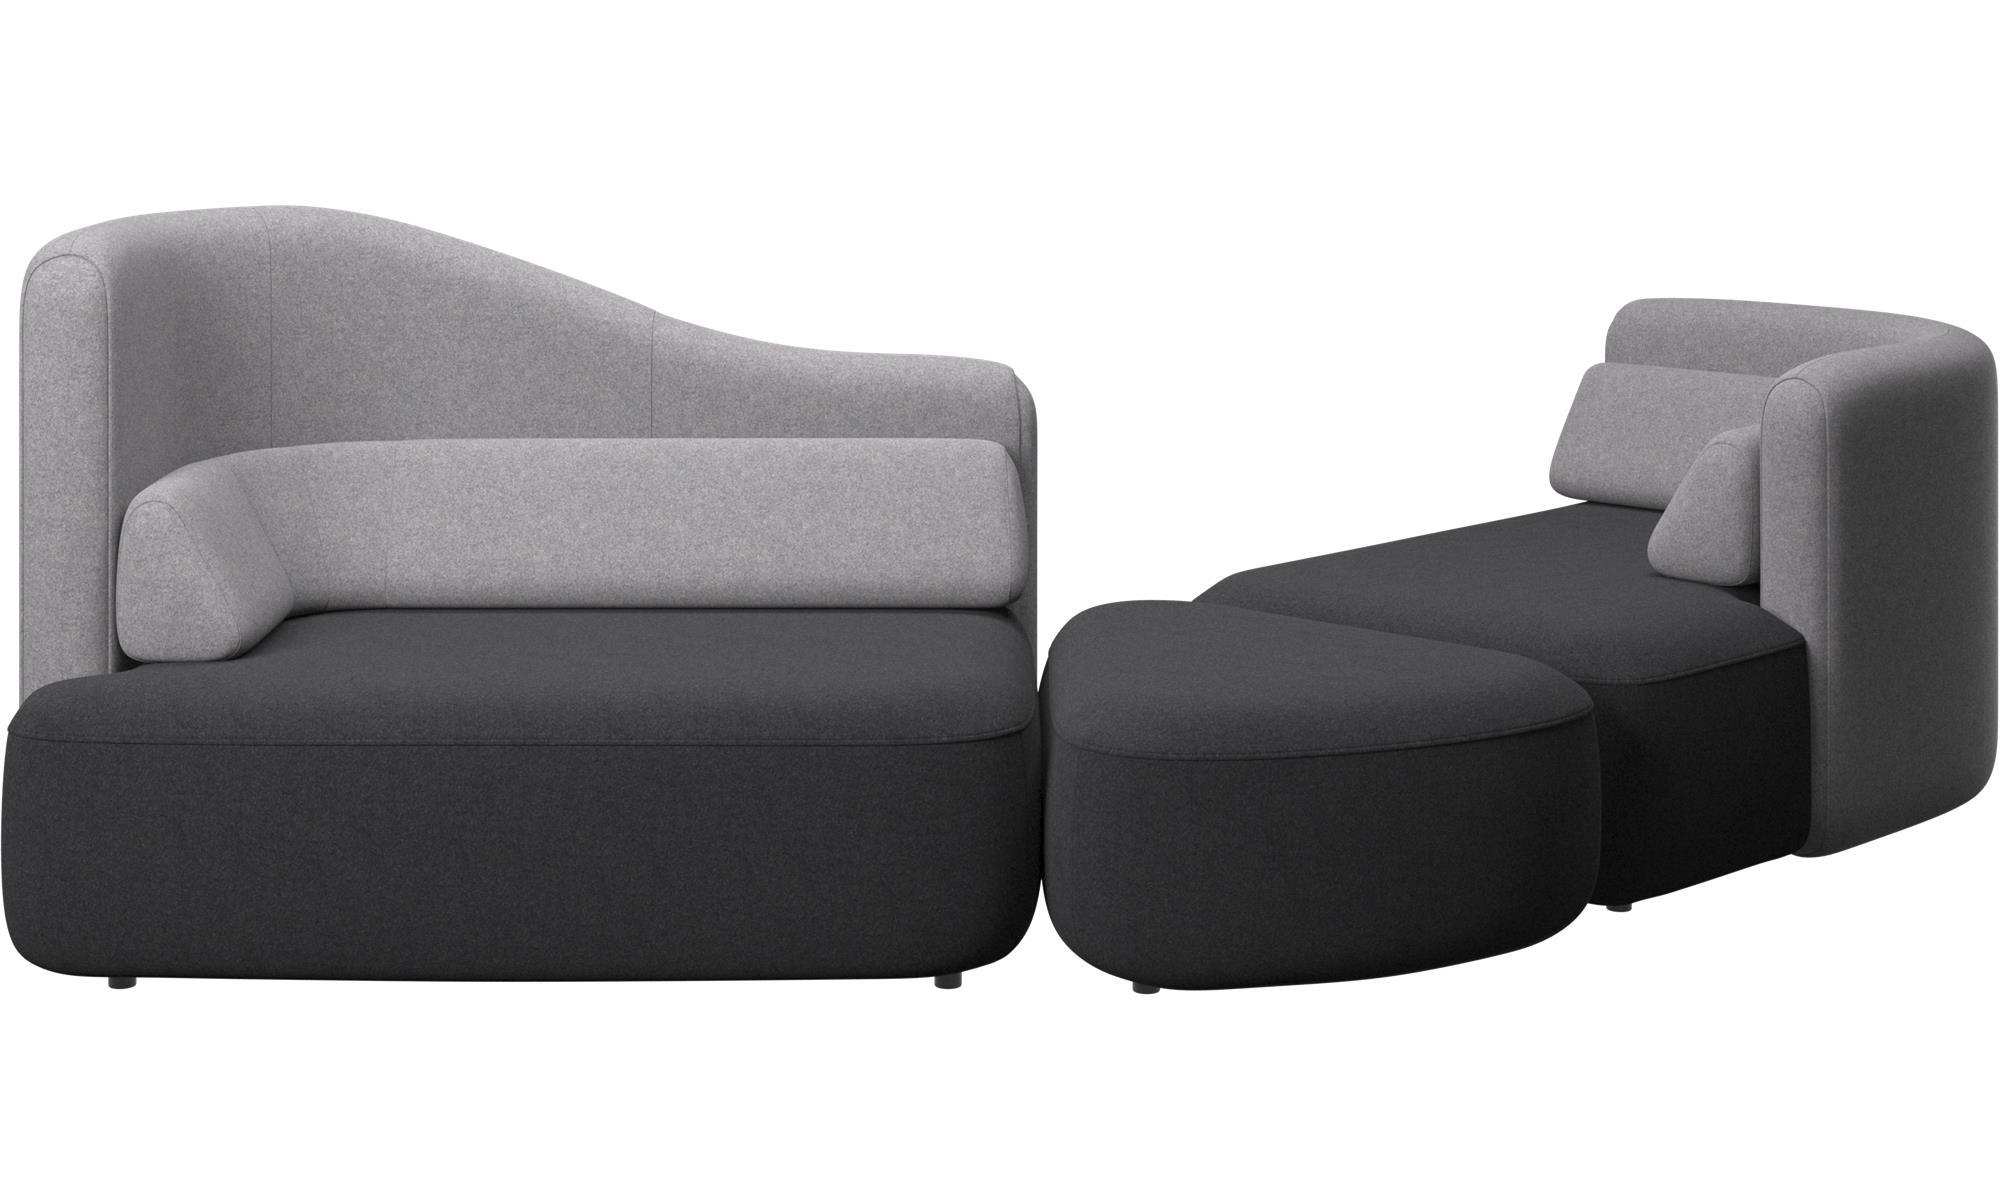 Modular sofas - Ottawa sofa - Grey - Fabric